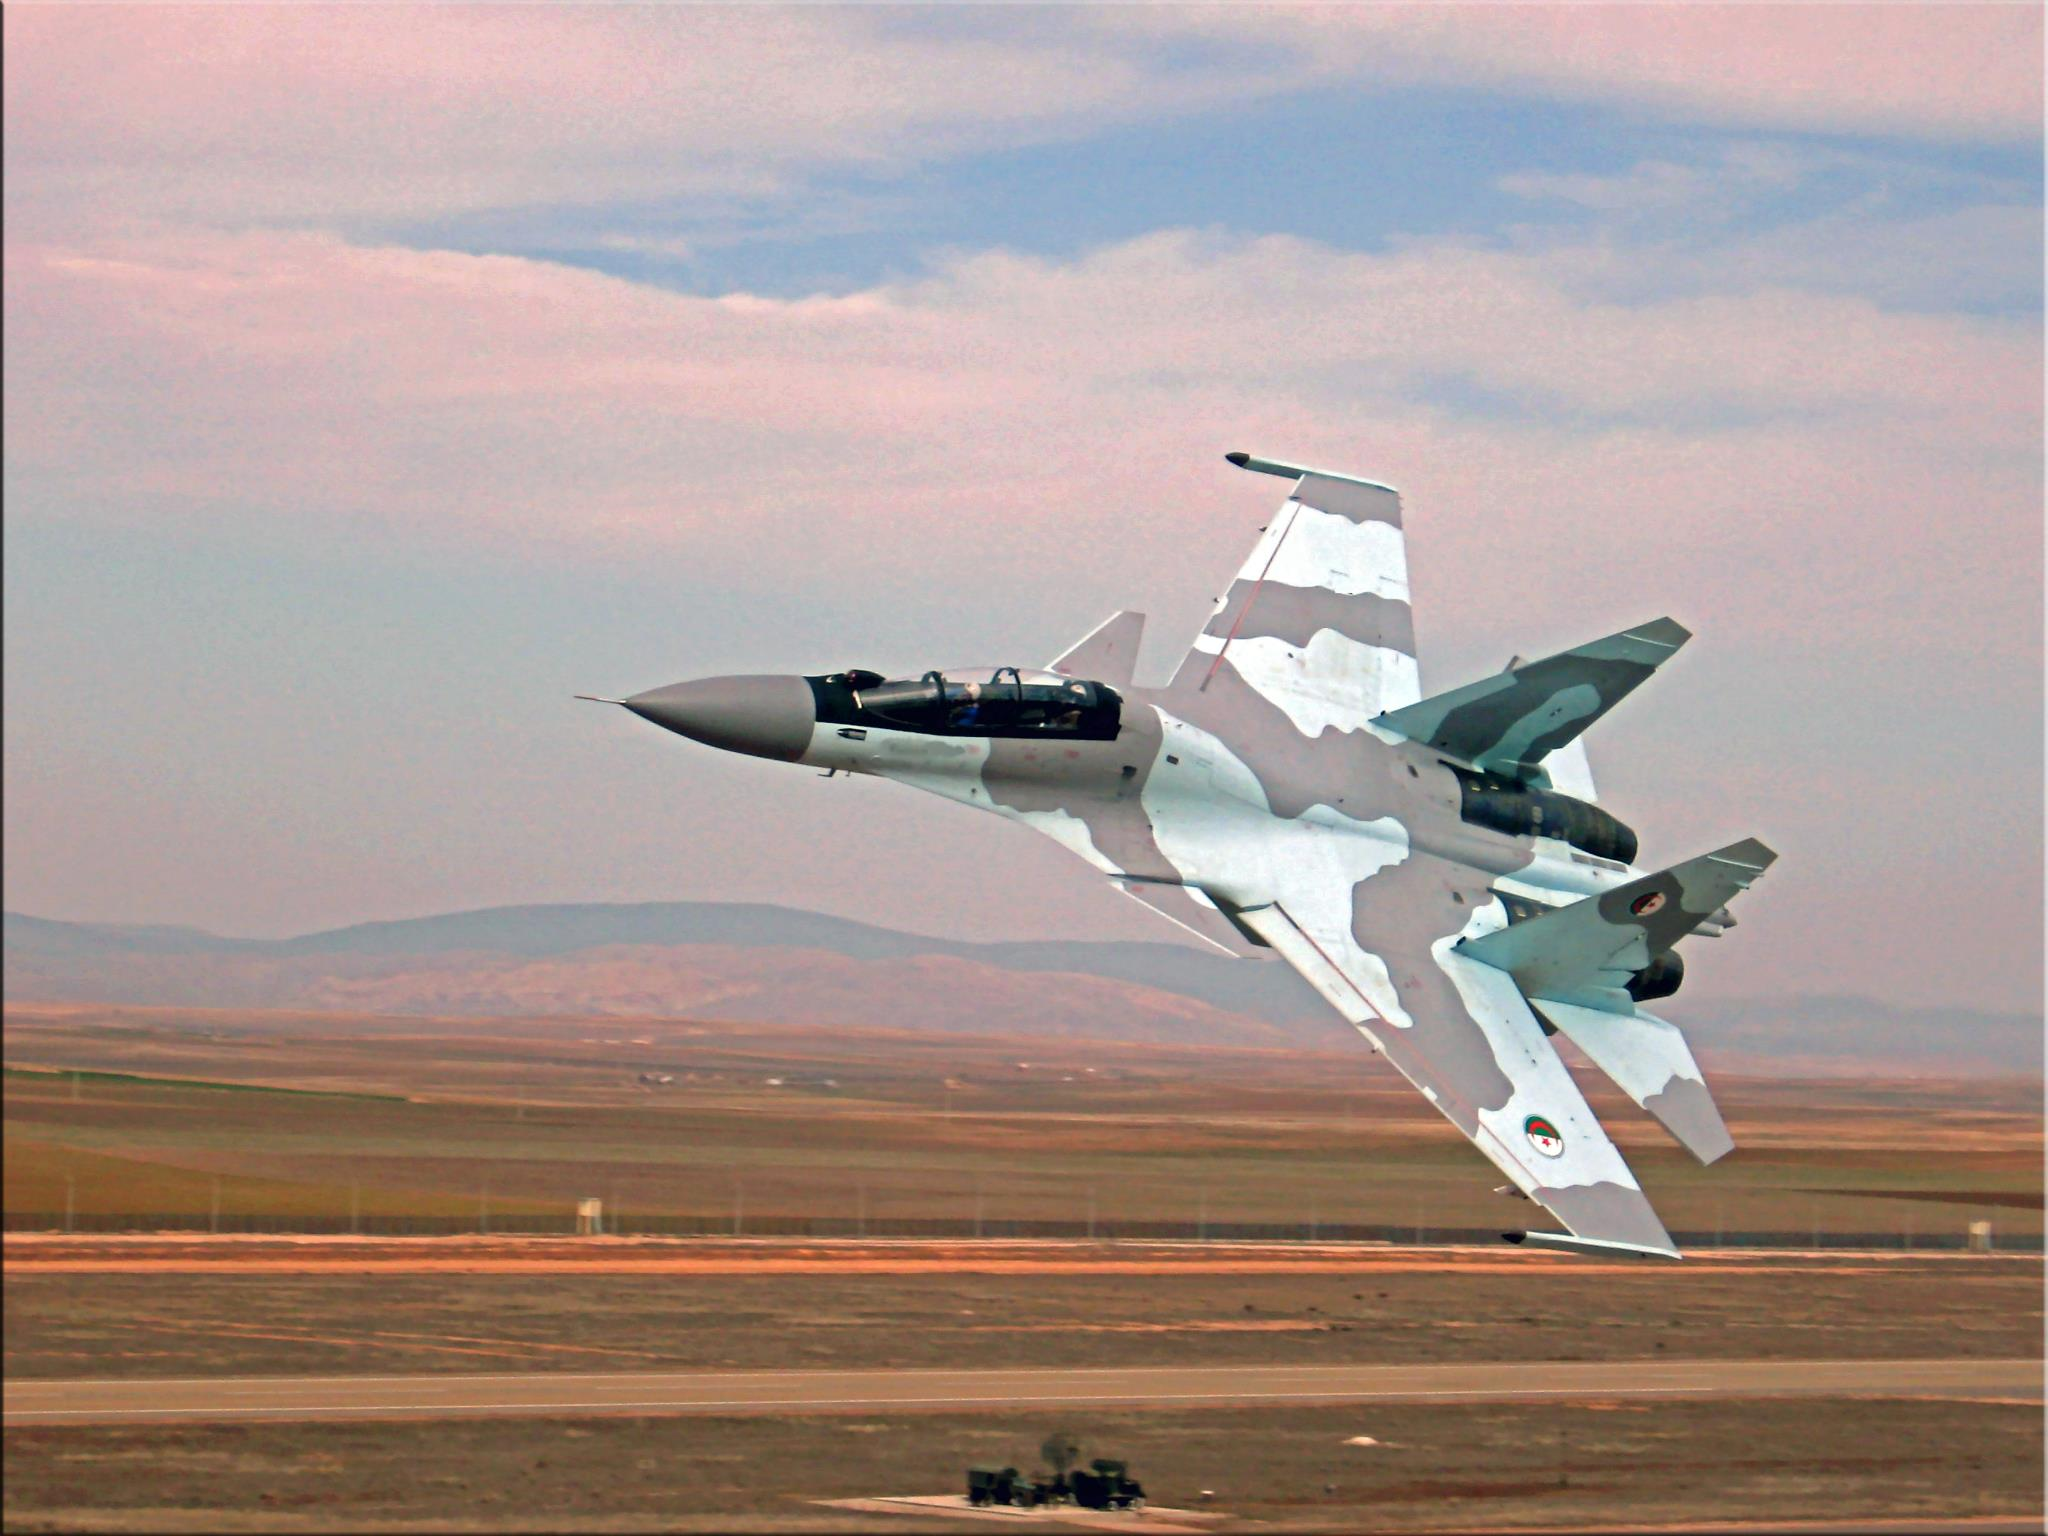 روسيا تمد الجزائر بأربعين طائرة هليكوتبر هجومية طراز ميج-28